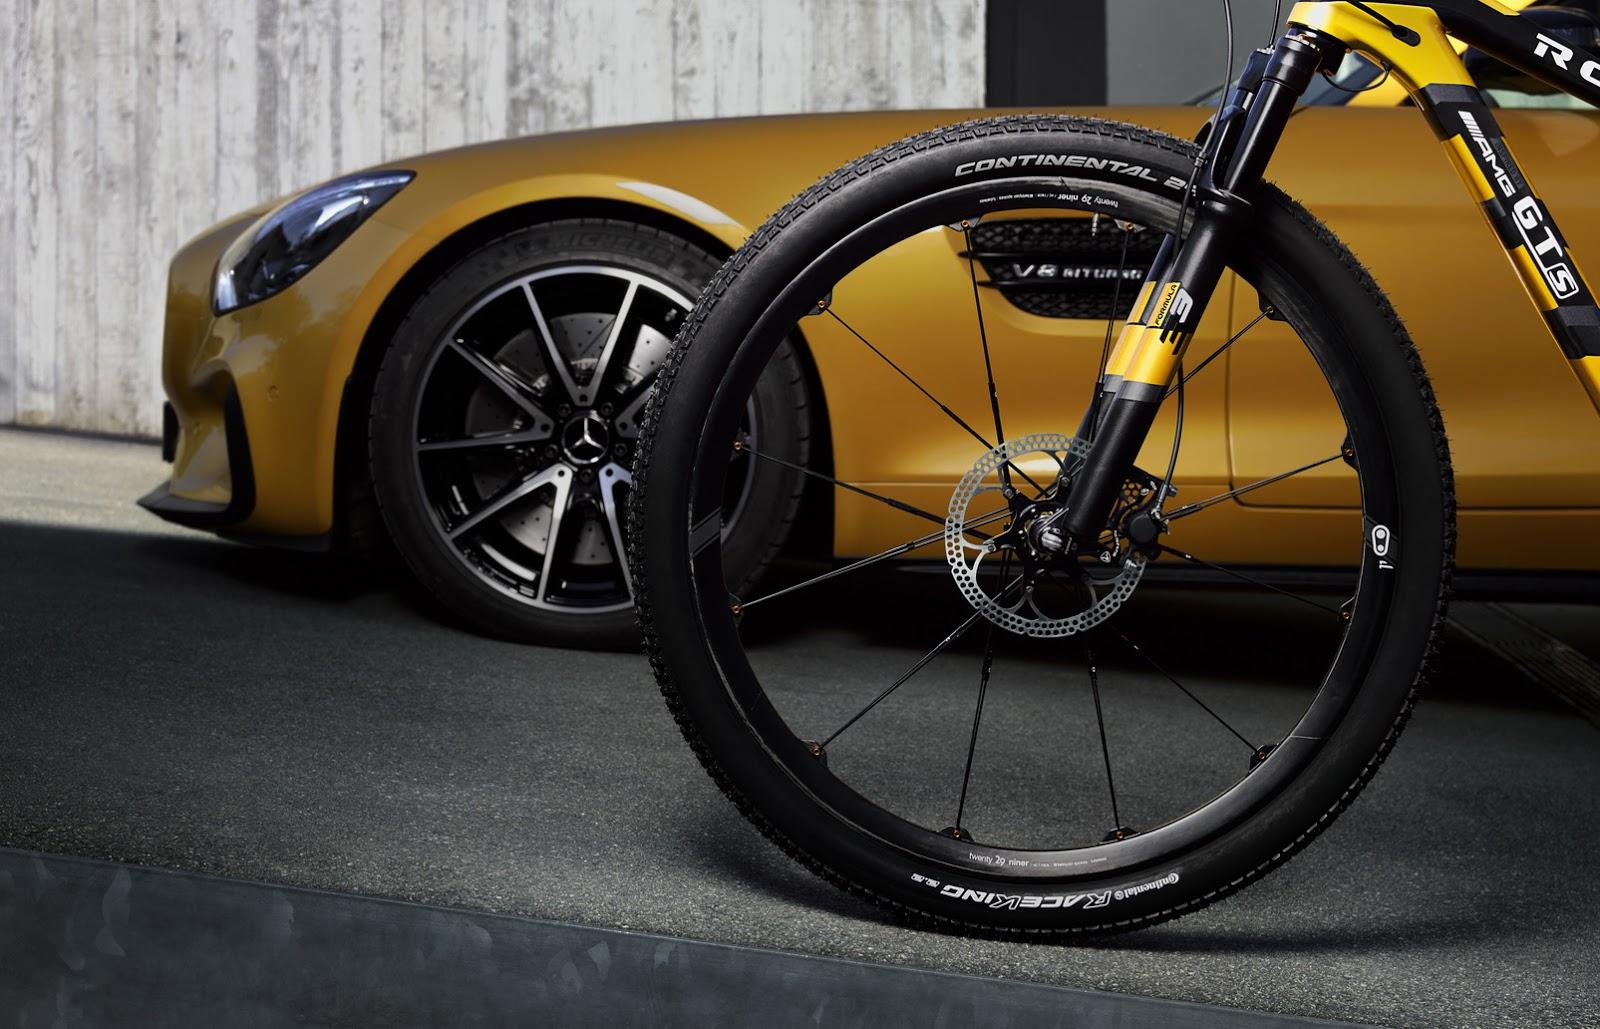 Mercedes-AMG-GT-S-Bike-4